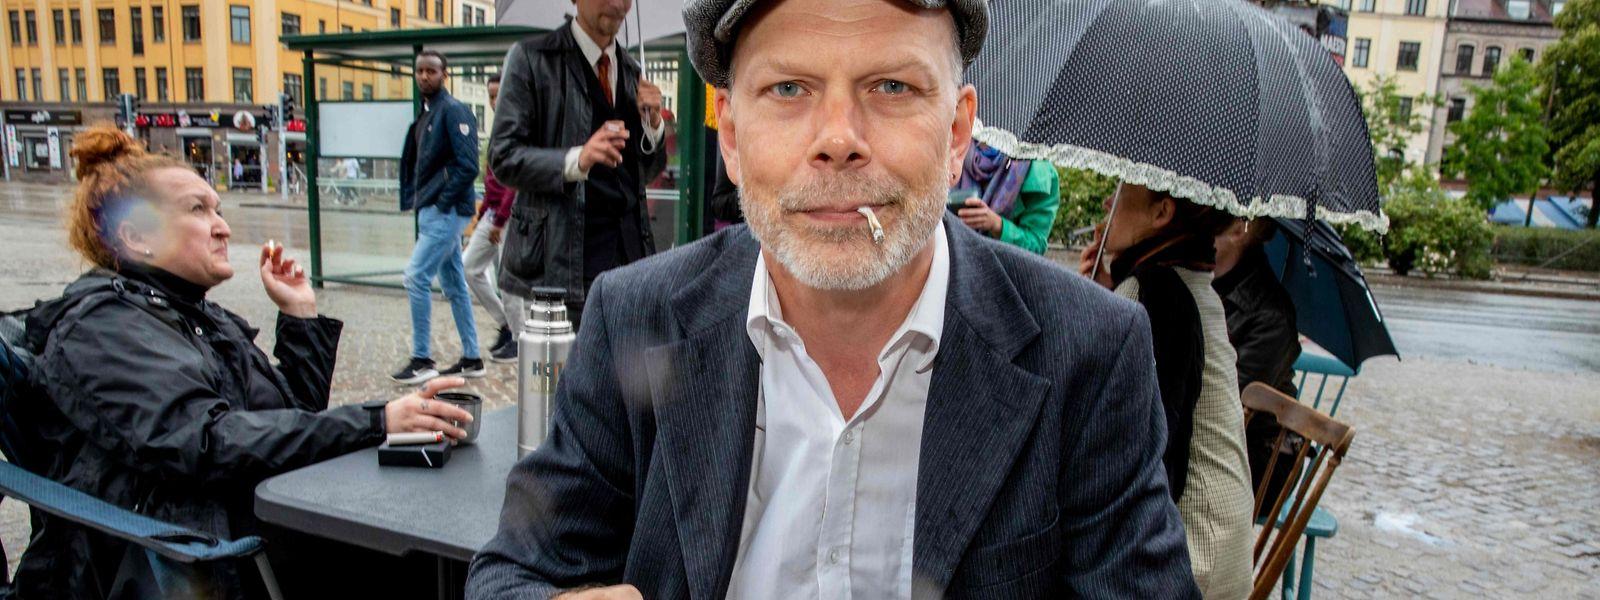 Ein Kunde vor einem Café in Malmö in Südschweden